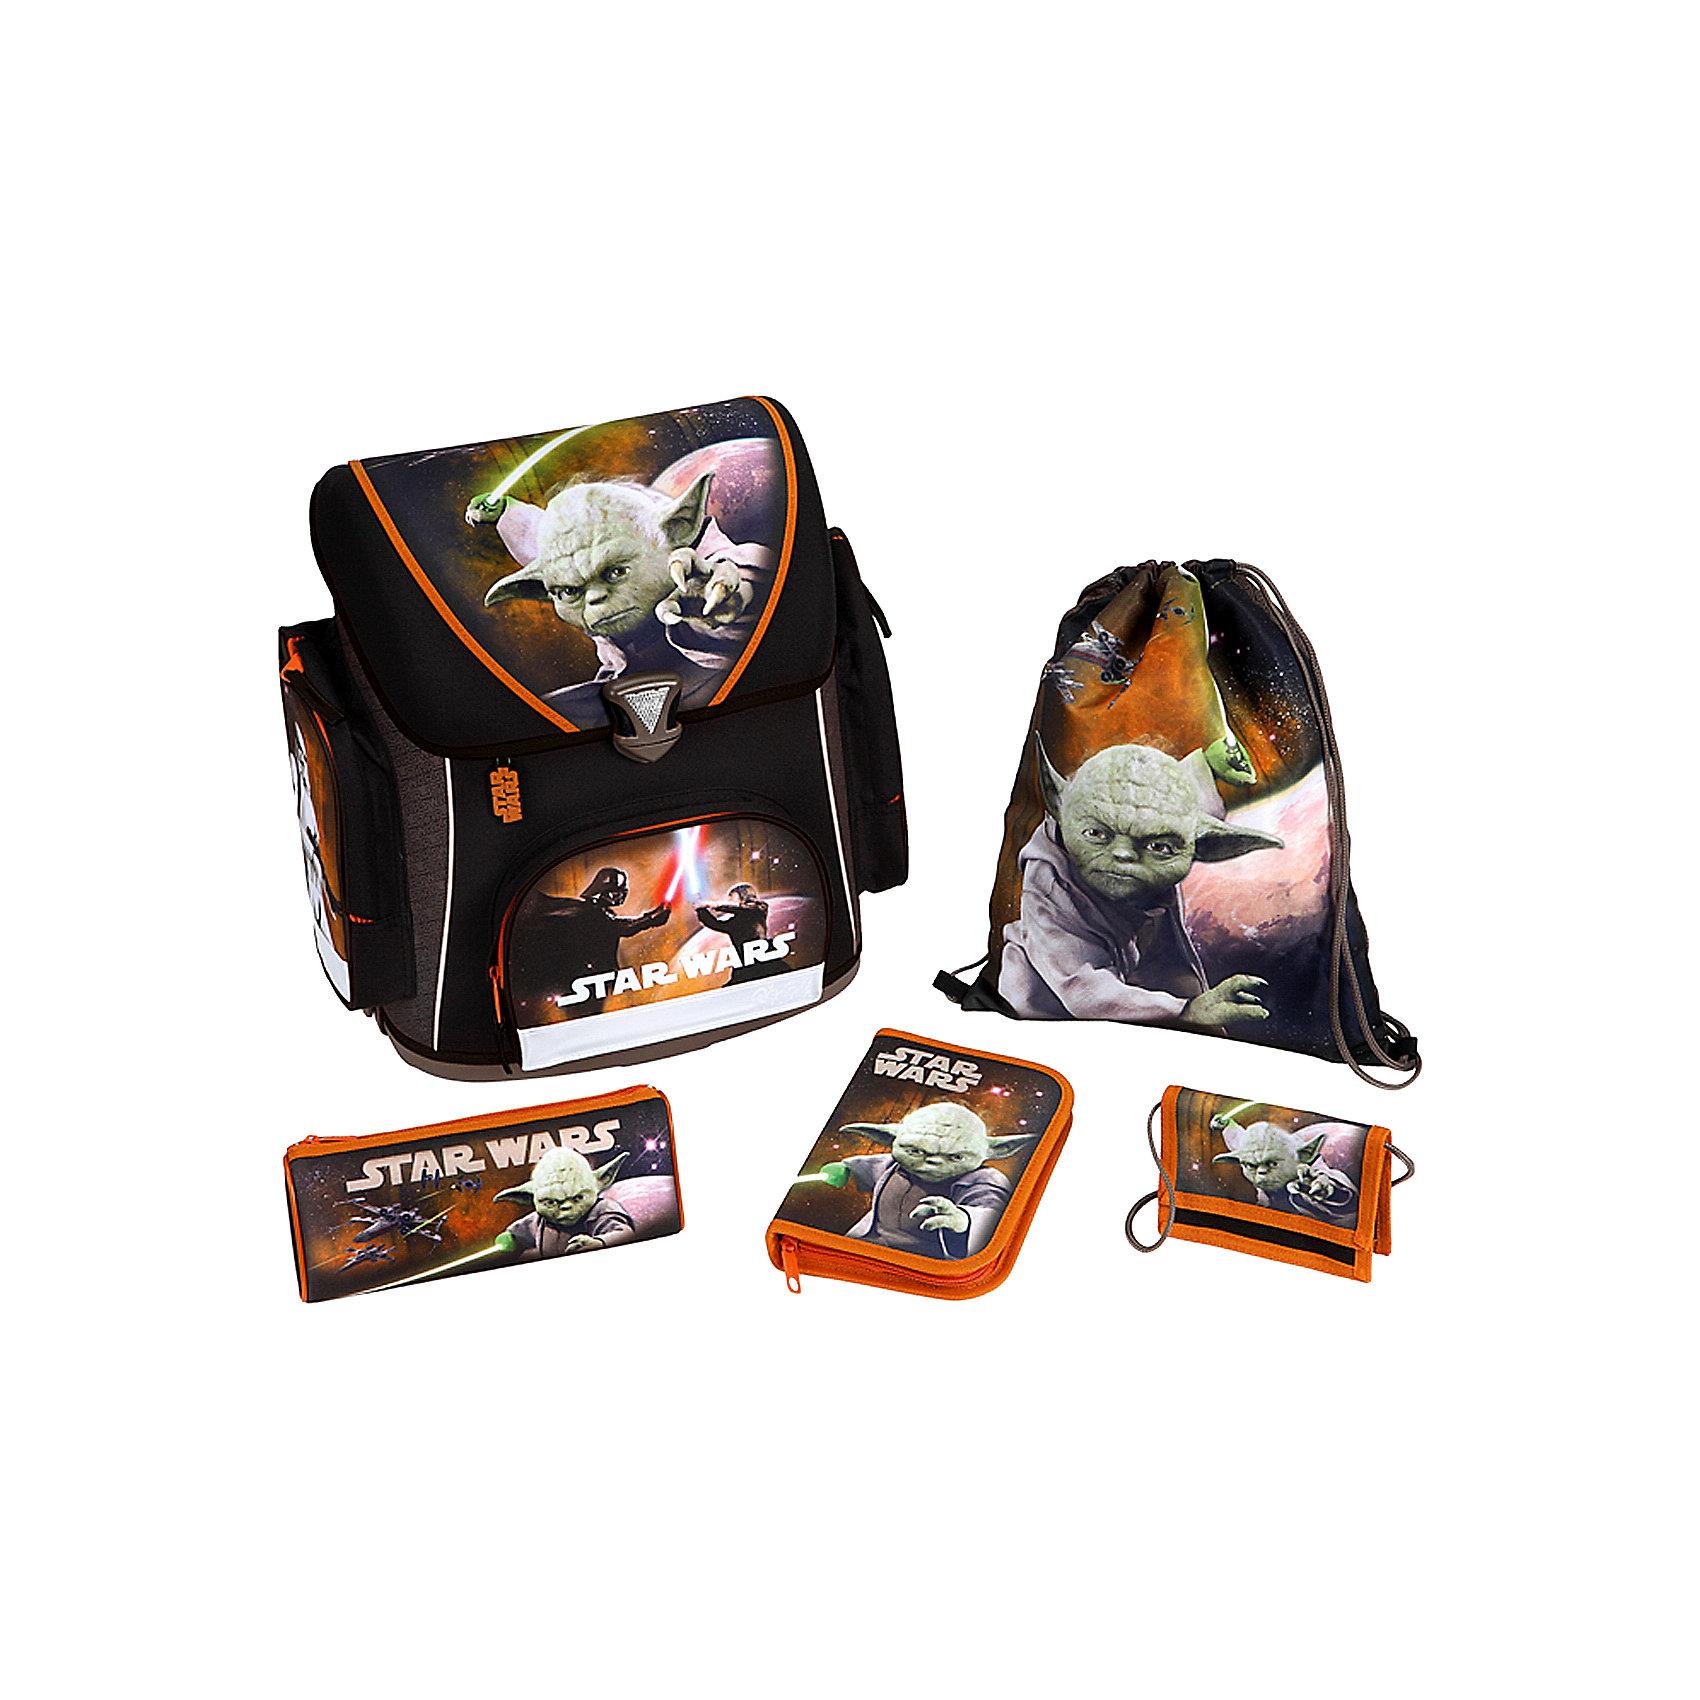 Школьный ранец с наполнением, Star WarsПрекрасный школьный рюкзак с изображением магистра Йоды из знаменитой киносаги Звездные войны (Star Wars). На ранце множество светоотражающих элементов, обеспечивающих безопасность в темное время суток. Яркая раскраска обязательно понравится детям, а рамная конструкция обеспечит правильное положение спины во время носки. Дно рюкзака пластиковое, чтобы избежать деформации ранца.<br>Ранец снаружи отделан водоотталкивающим материалом, а спинка и регулируемые лямки из дышащего материала.<br><br>Дополнительная информация:<br><br>- В наборе: школьный рюкзак, пенал с наполнением (18 элементов - карандаши - 1 простой и 8 цветных, точилка, ластик, 5 цветных фломастеров, линейка 16 см), пенал-косметичка, детский кошелек, сумка для сменной обуви<br>- Материал: полиэстер <br>- Размеры ранца (Д / Ш / В): 20 х 39 х 39,5 см<br>- Размер пенала-косметички: 22 х 8.5 х 4.5 см.<br>- Размер кошелька: 13 х 9 см.<br>- Размер сумки для сменной обуви: 37 х 28.5 см.<br>- Объем рюкзака: около 18 л <br>- Вес: около 1,1 кг<br><br>Ранец с наполнением, Star Wars (Звездные войны) от Scooli можно купить в нашем магазине.<br><br>Ширина мм: 407<br>Глубина мм: 418<br>Высота мм: 253<br>Вес г: 1187<br>Возраст от месяцев: 72<br>Возраст до месяцев: 120<br>Пол: Мужской<br>Возраст: Детский<br>SKU: 2535561